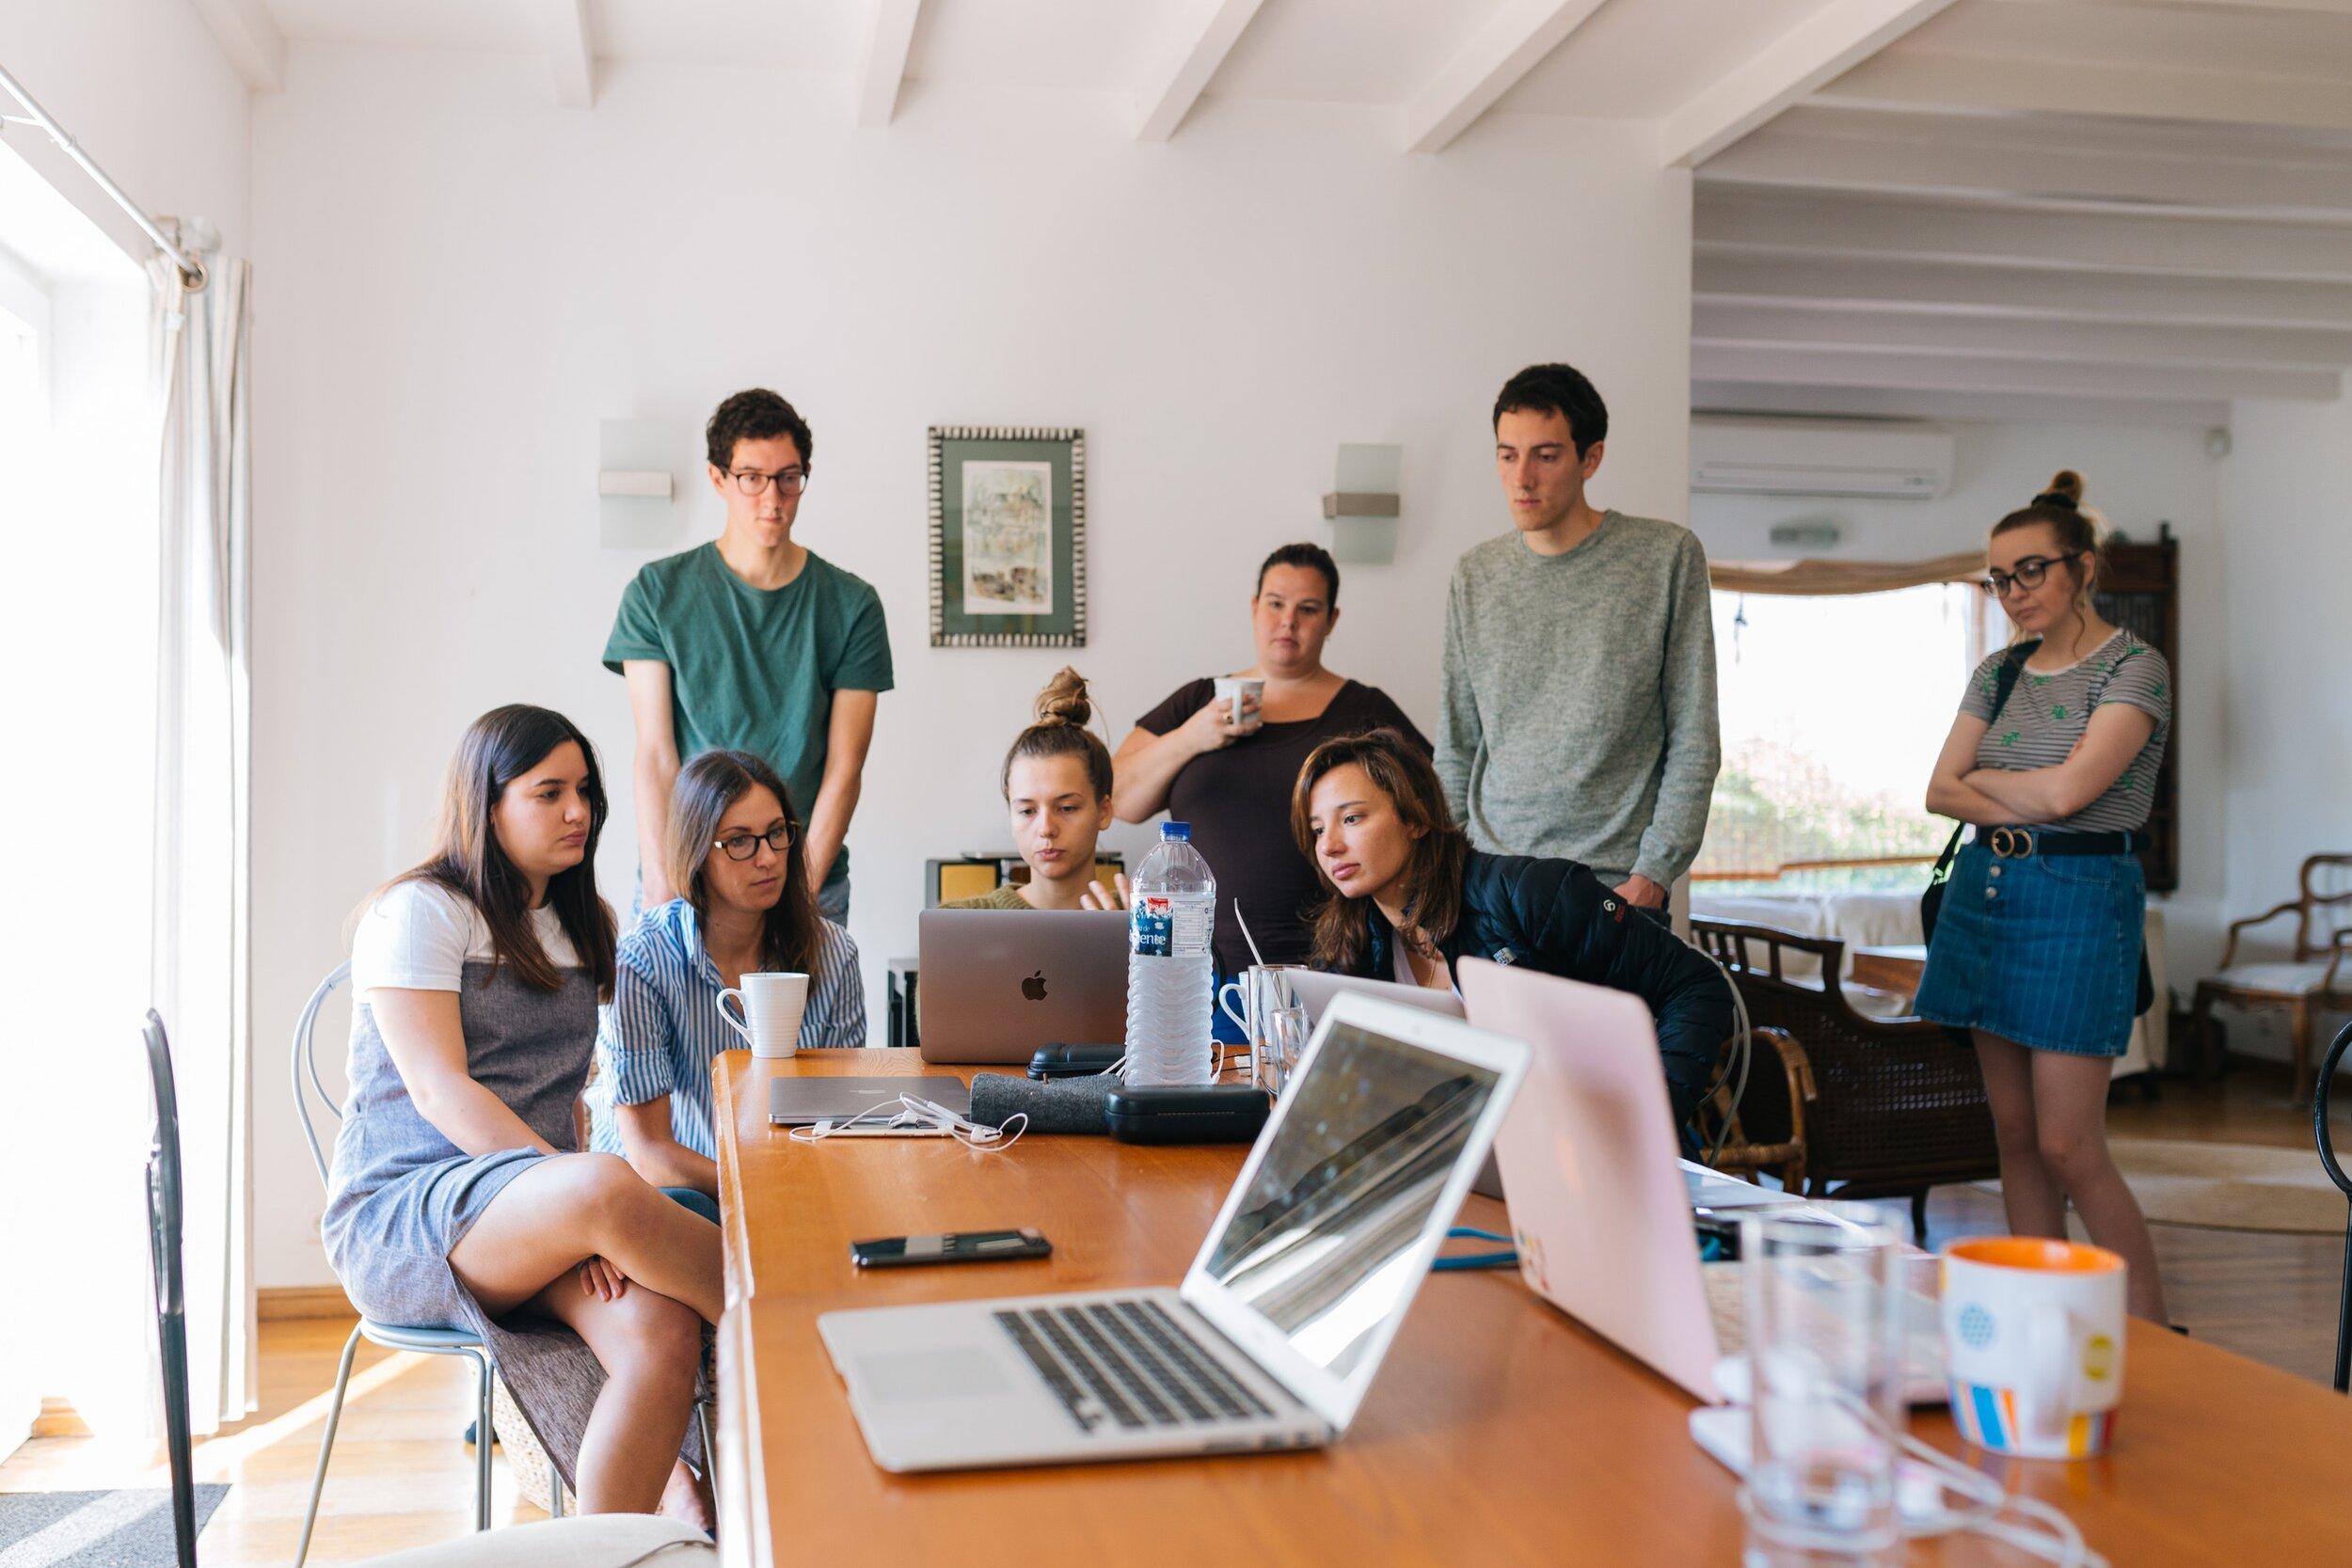 adults-brainstorming-business-1595385.jpg